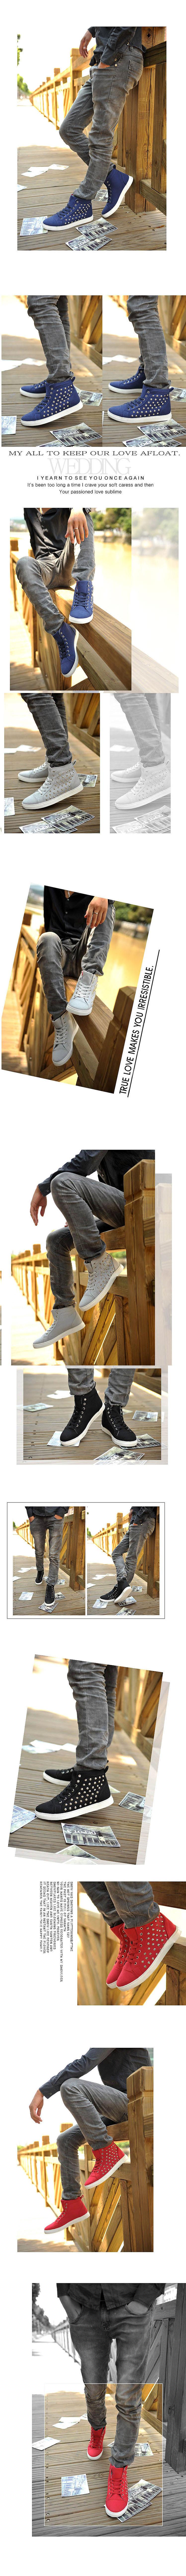 รองเท้าผู้ชาย | รองเท้าแฟชั่นชาย รองเท้าผ้าใบ แฟชั่นเกาหลี